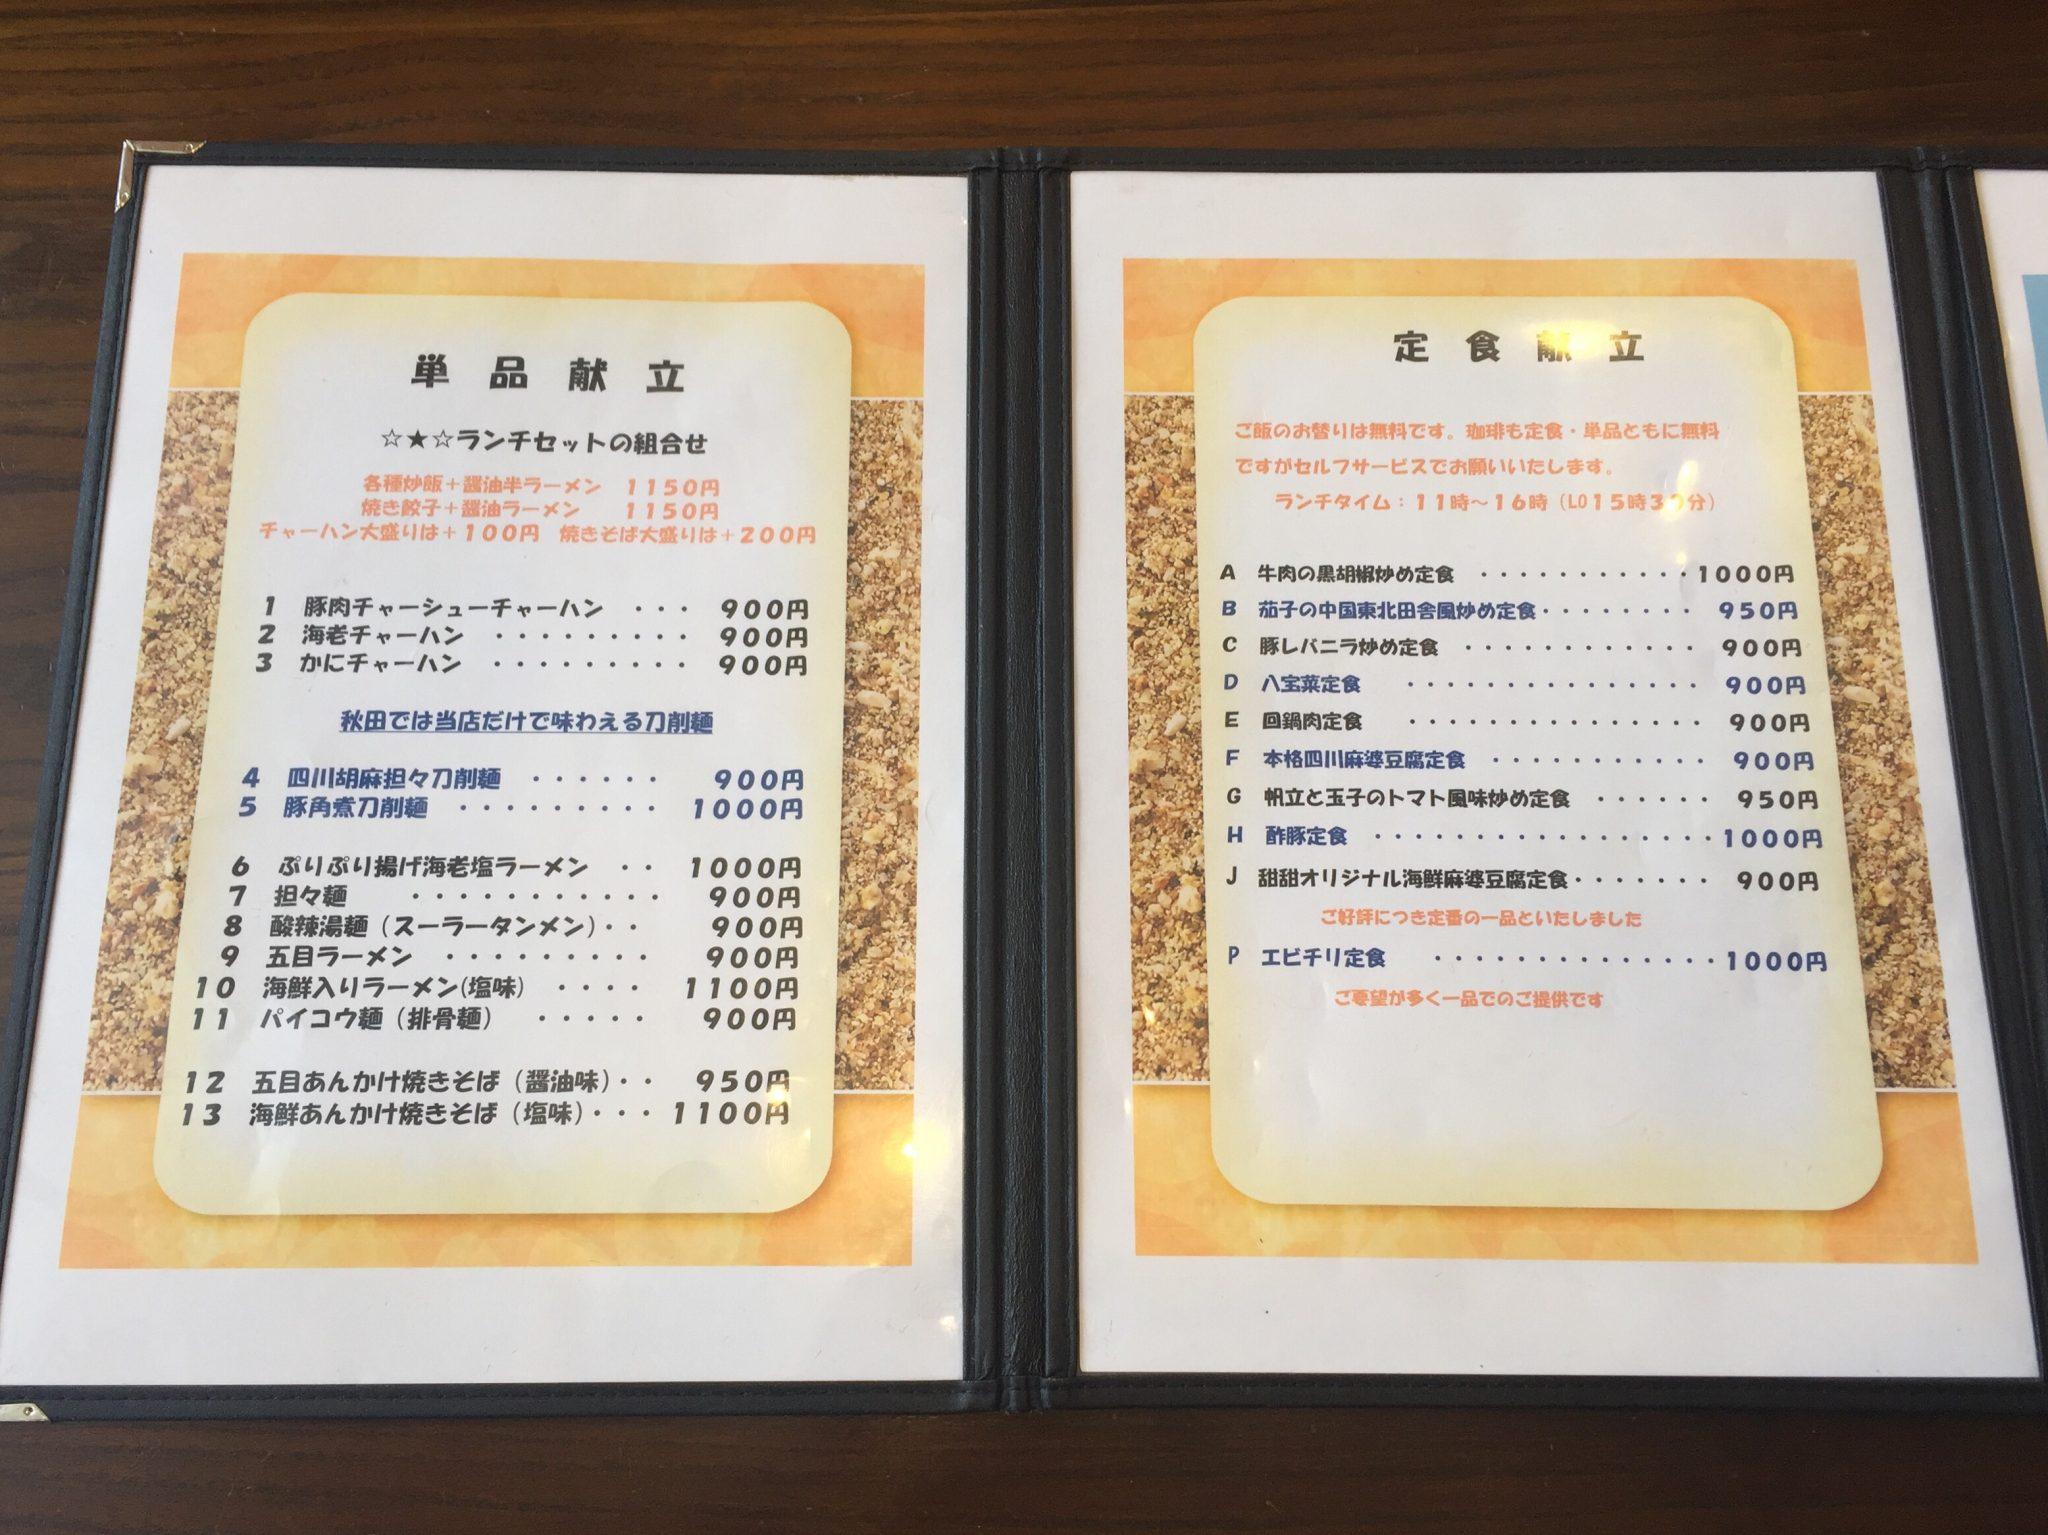 中国料理 甜甜酒楼 メニュー